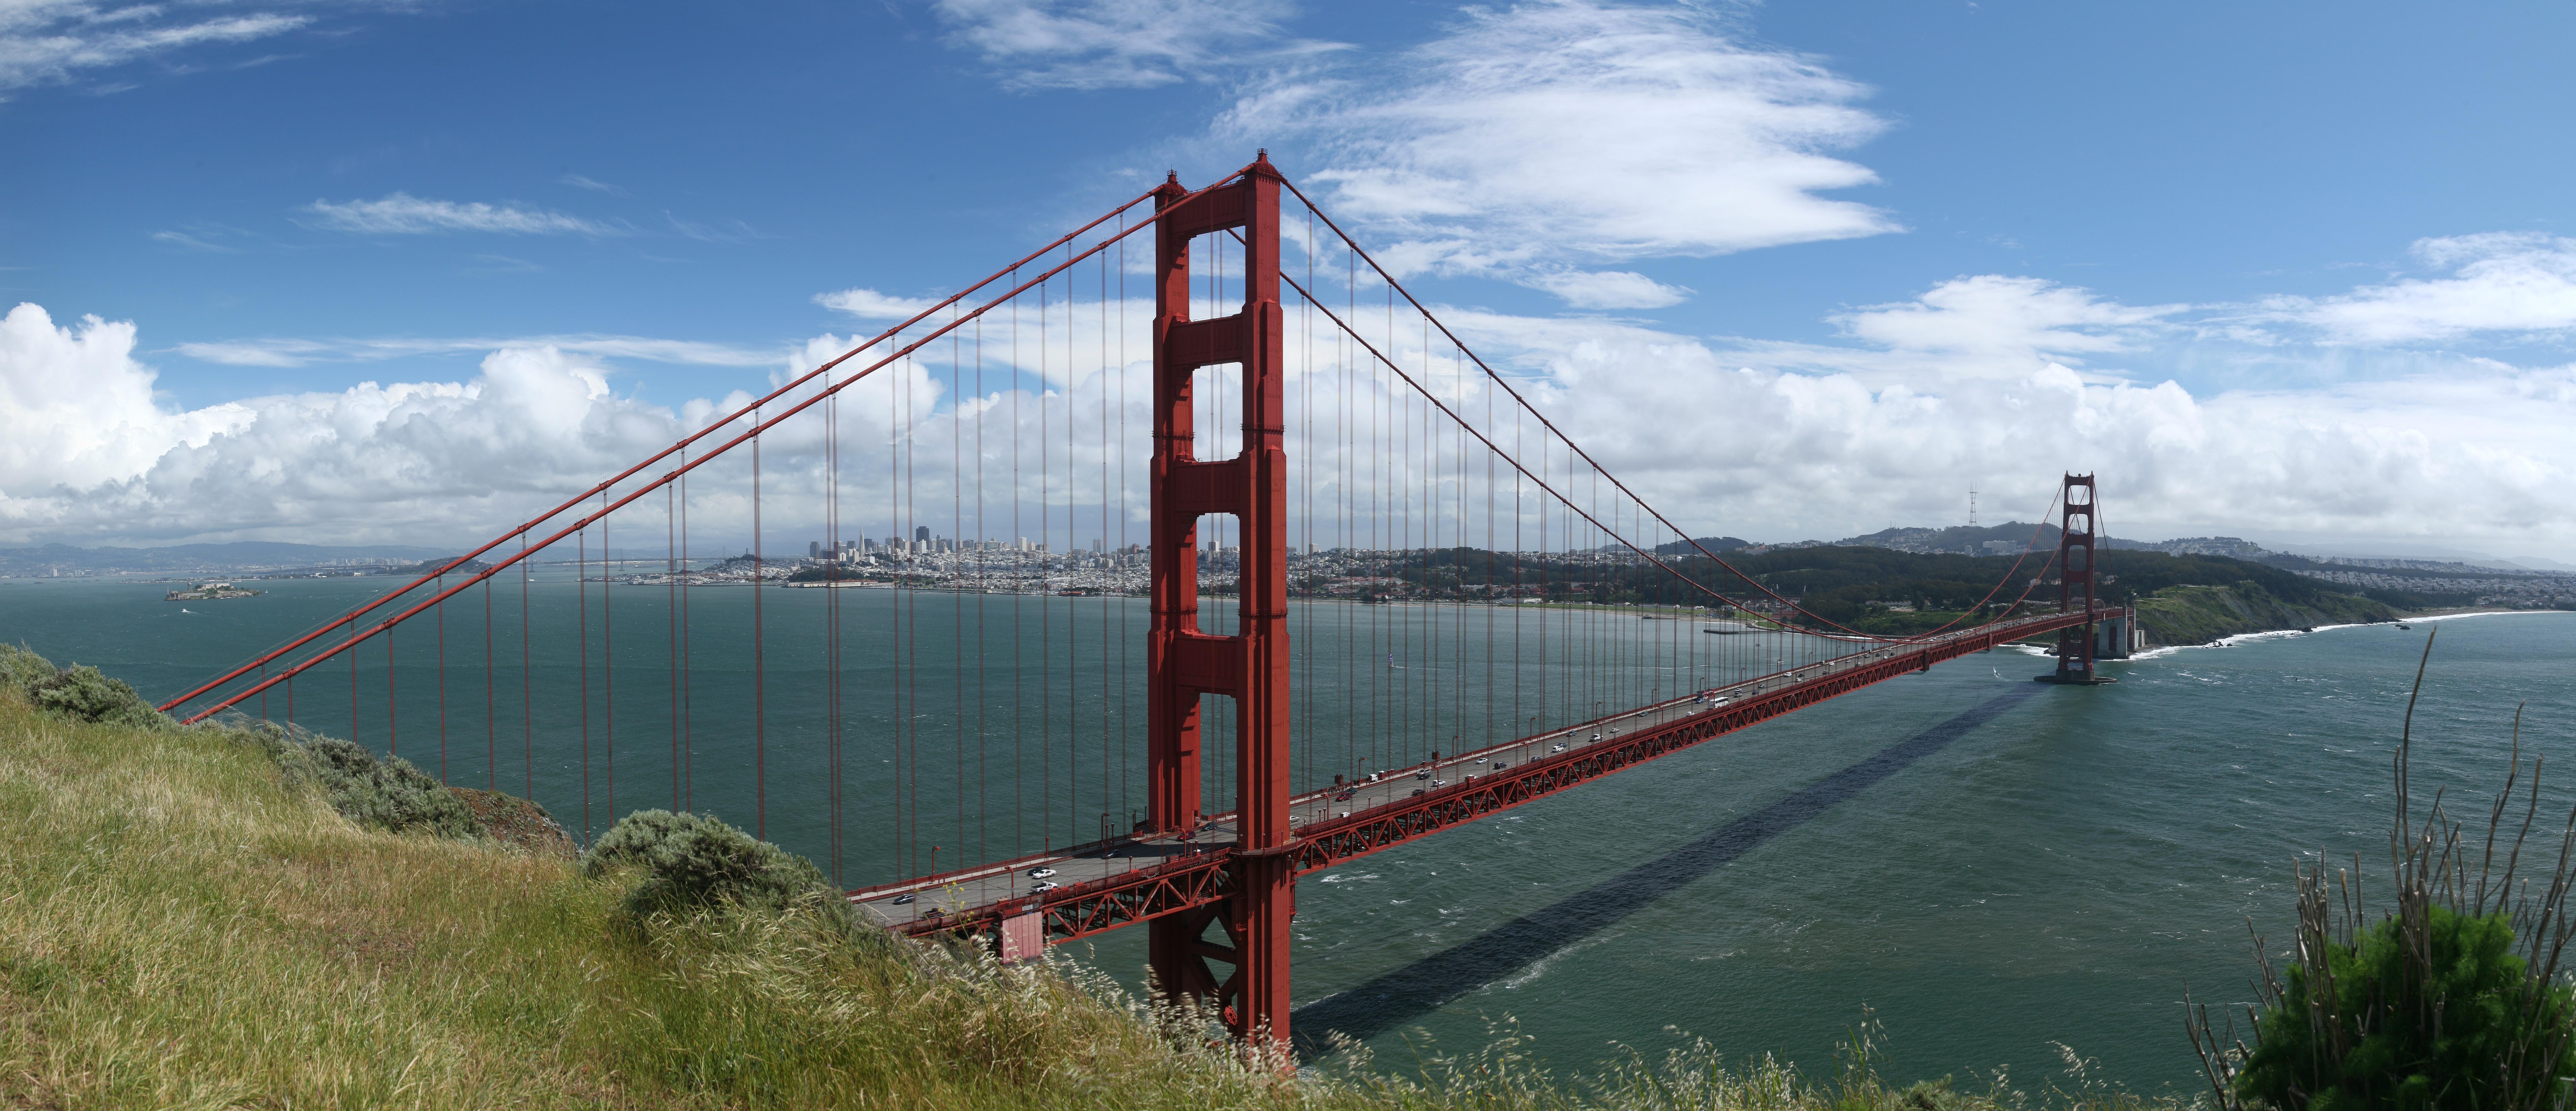 Puente de Golden Gate. D Schwen